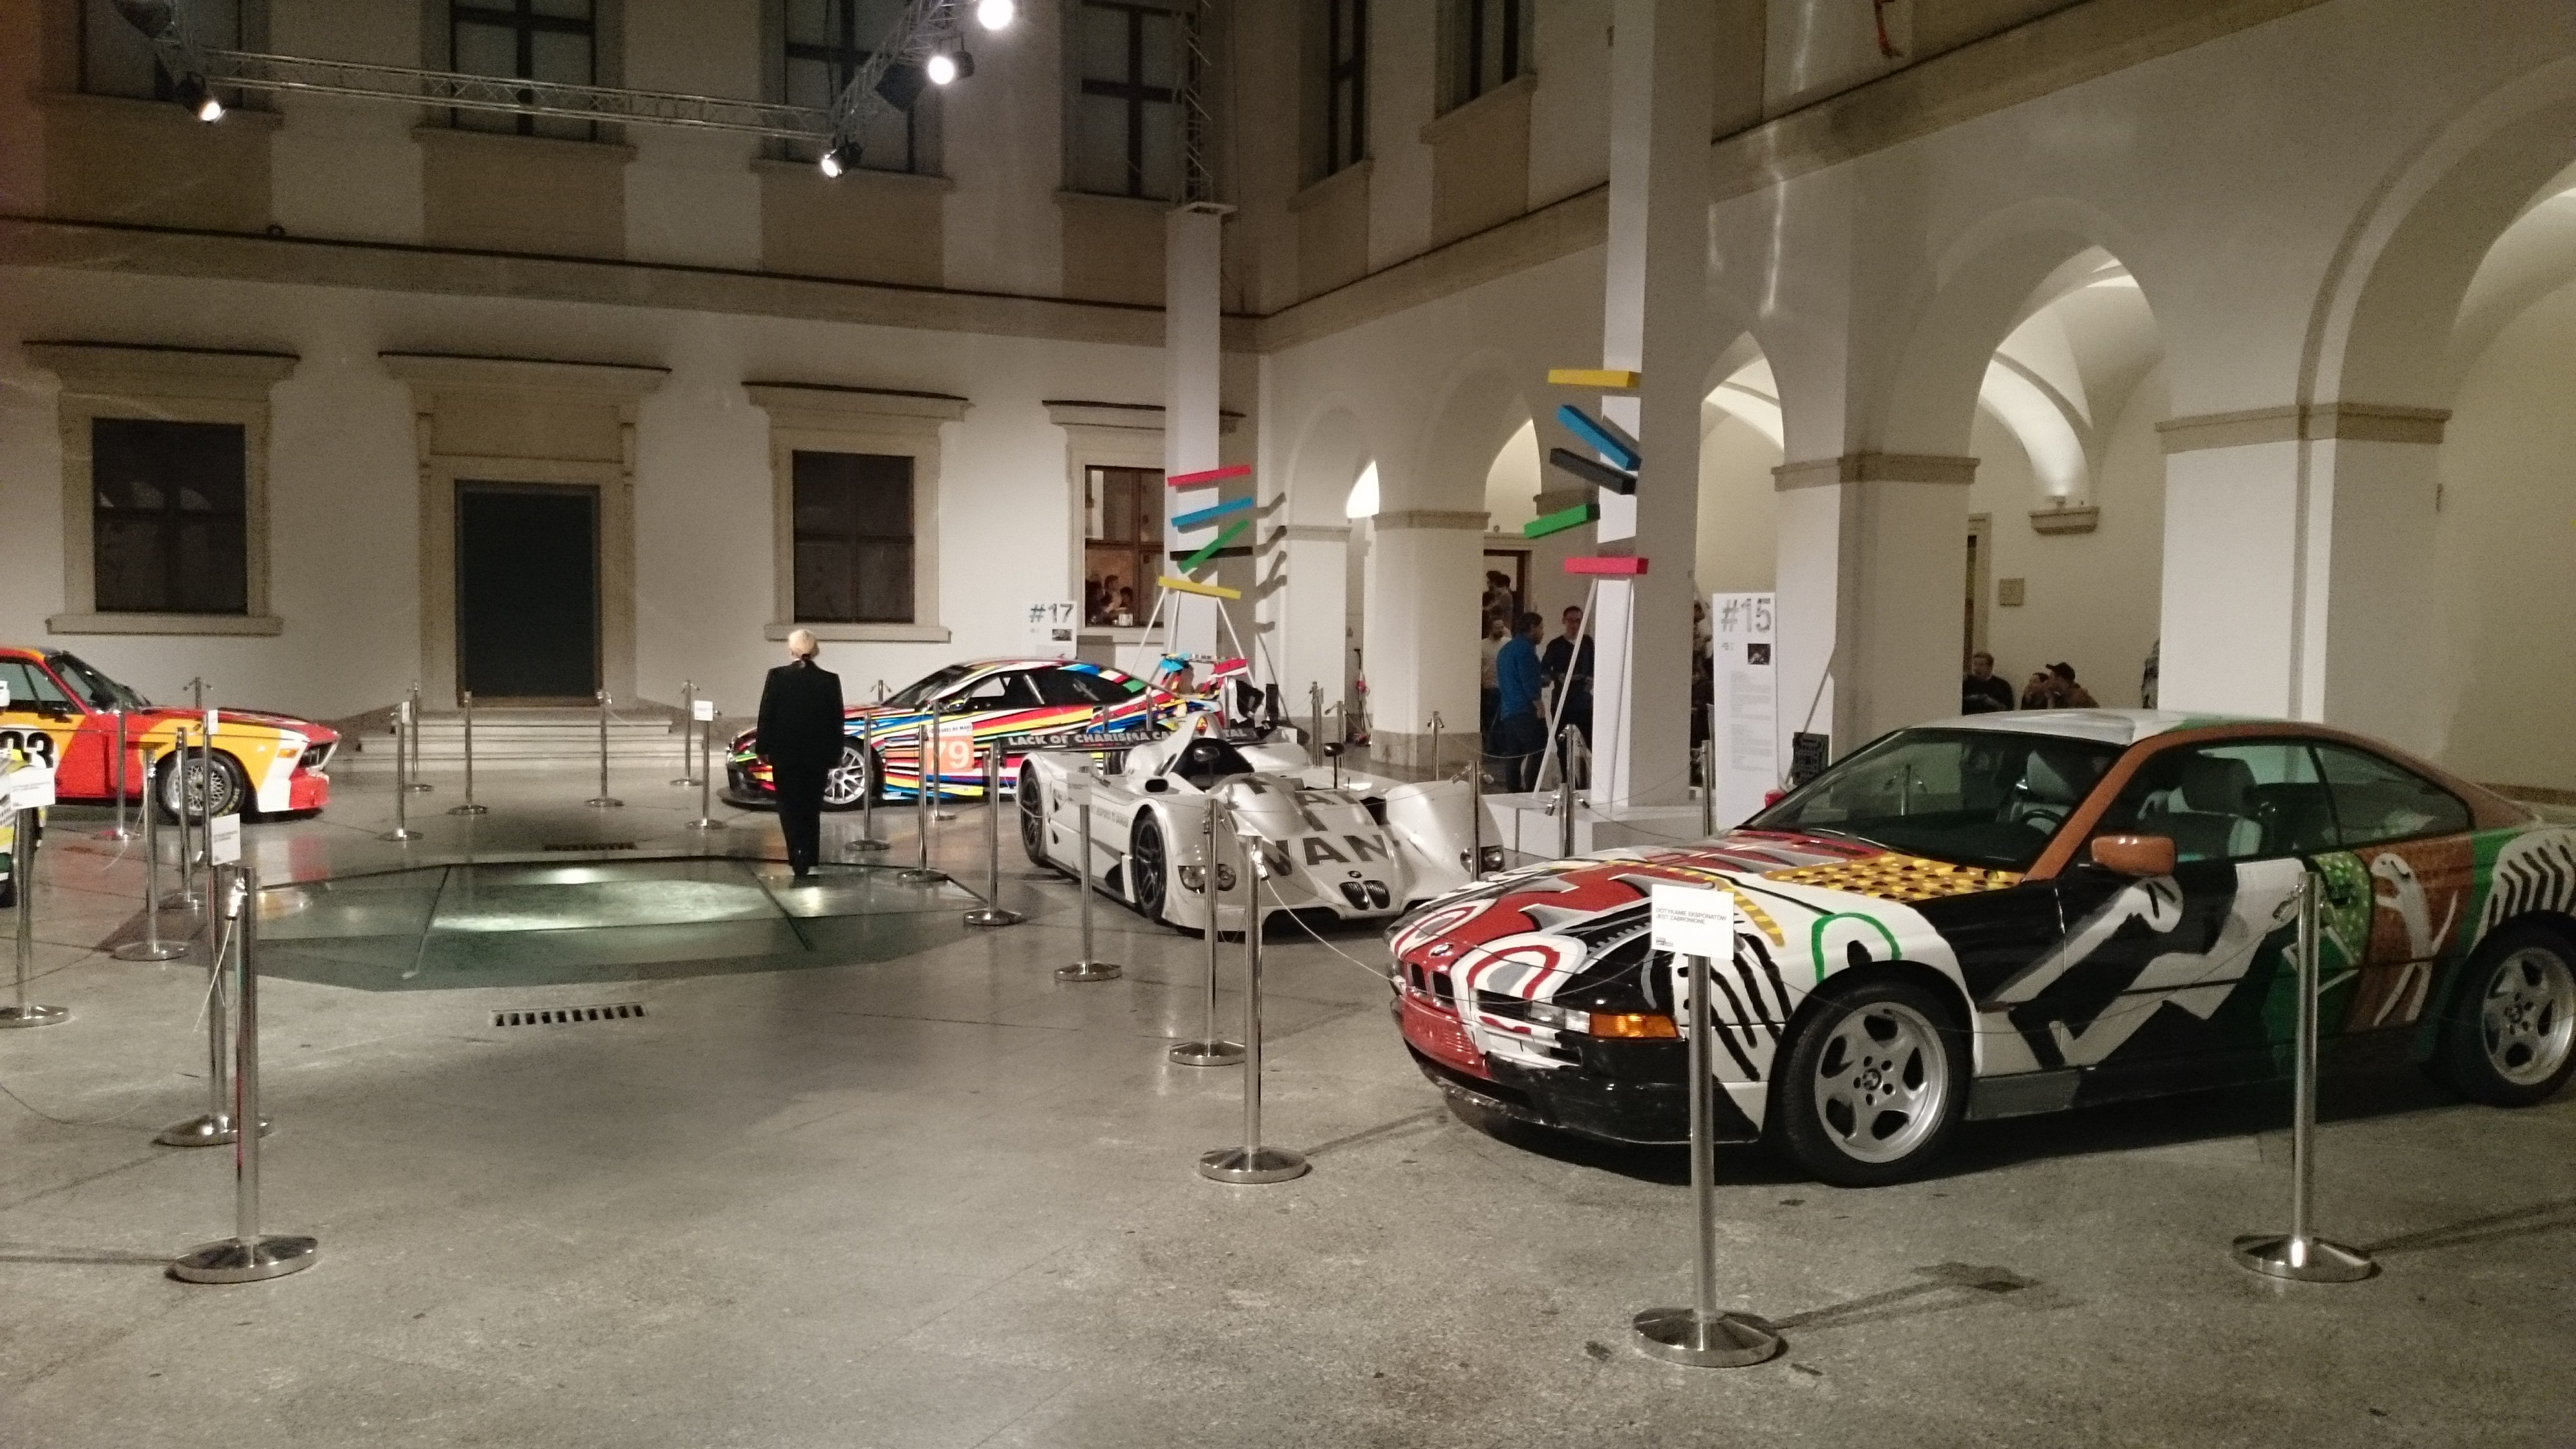 W CSW Zamek Ujazdowski właśnie otworzyła się wystawa Francisa Alysa, aletoco nam się rzuciło woczy towystawa Art Cars, naswój sposób kontrowersyjna...